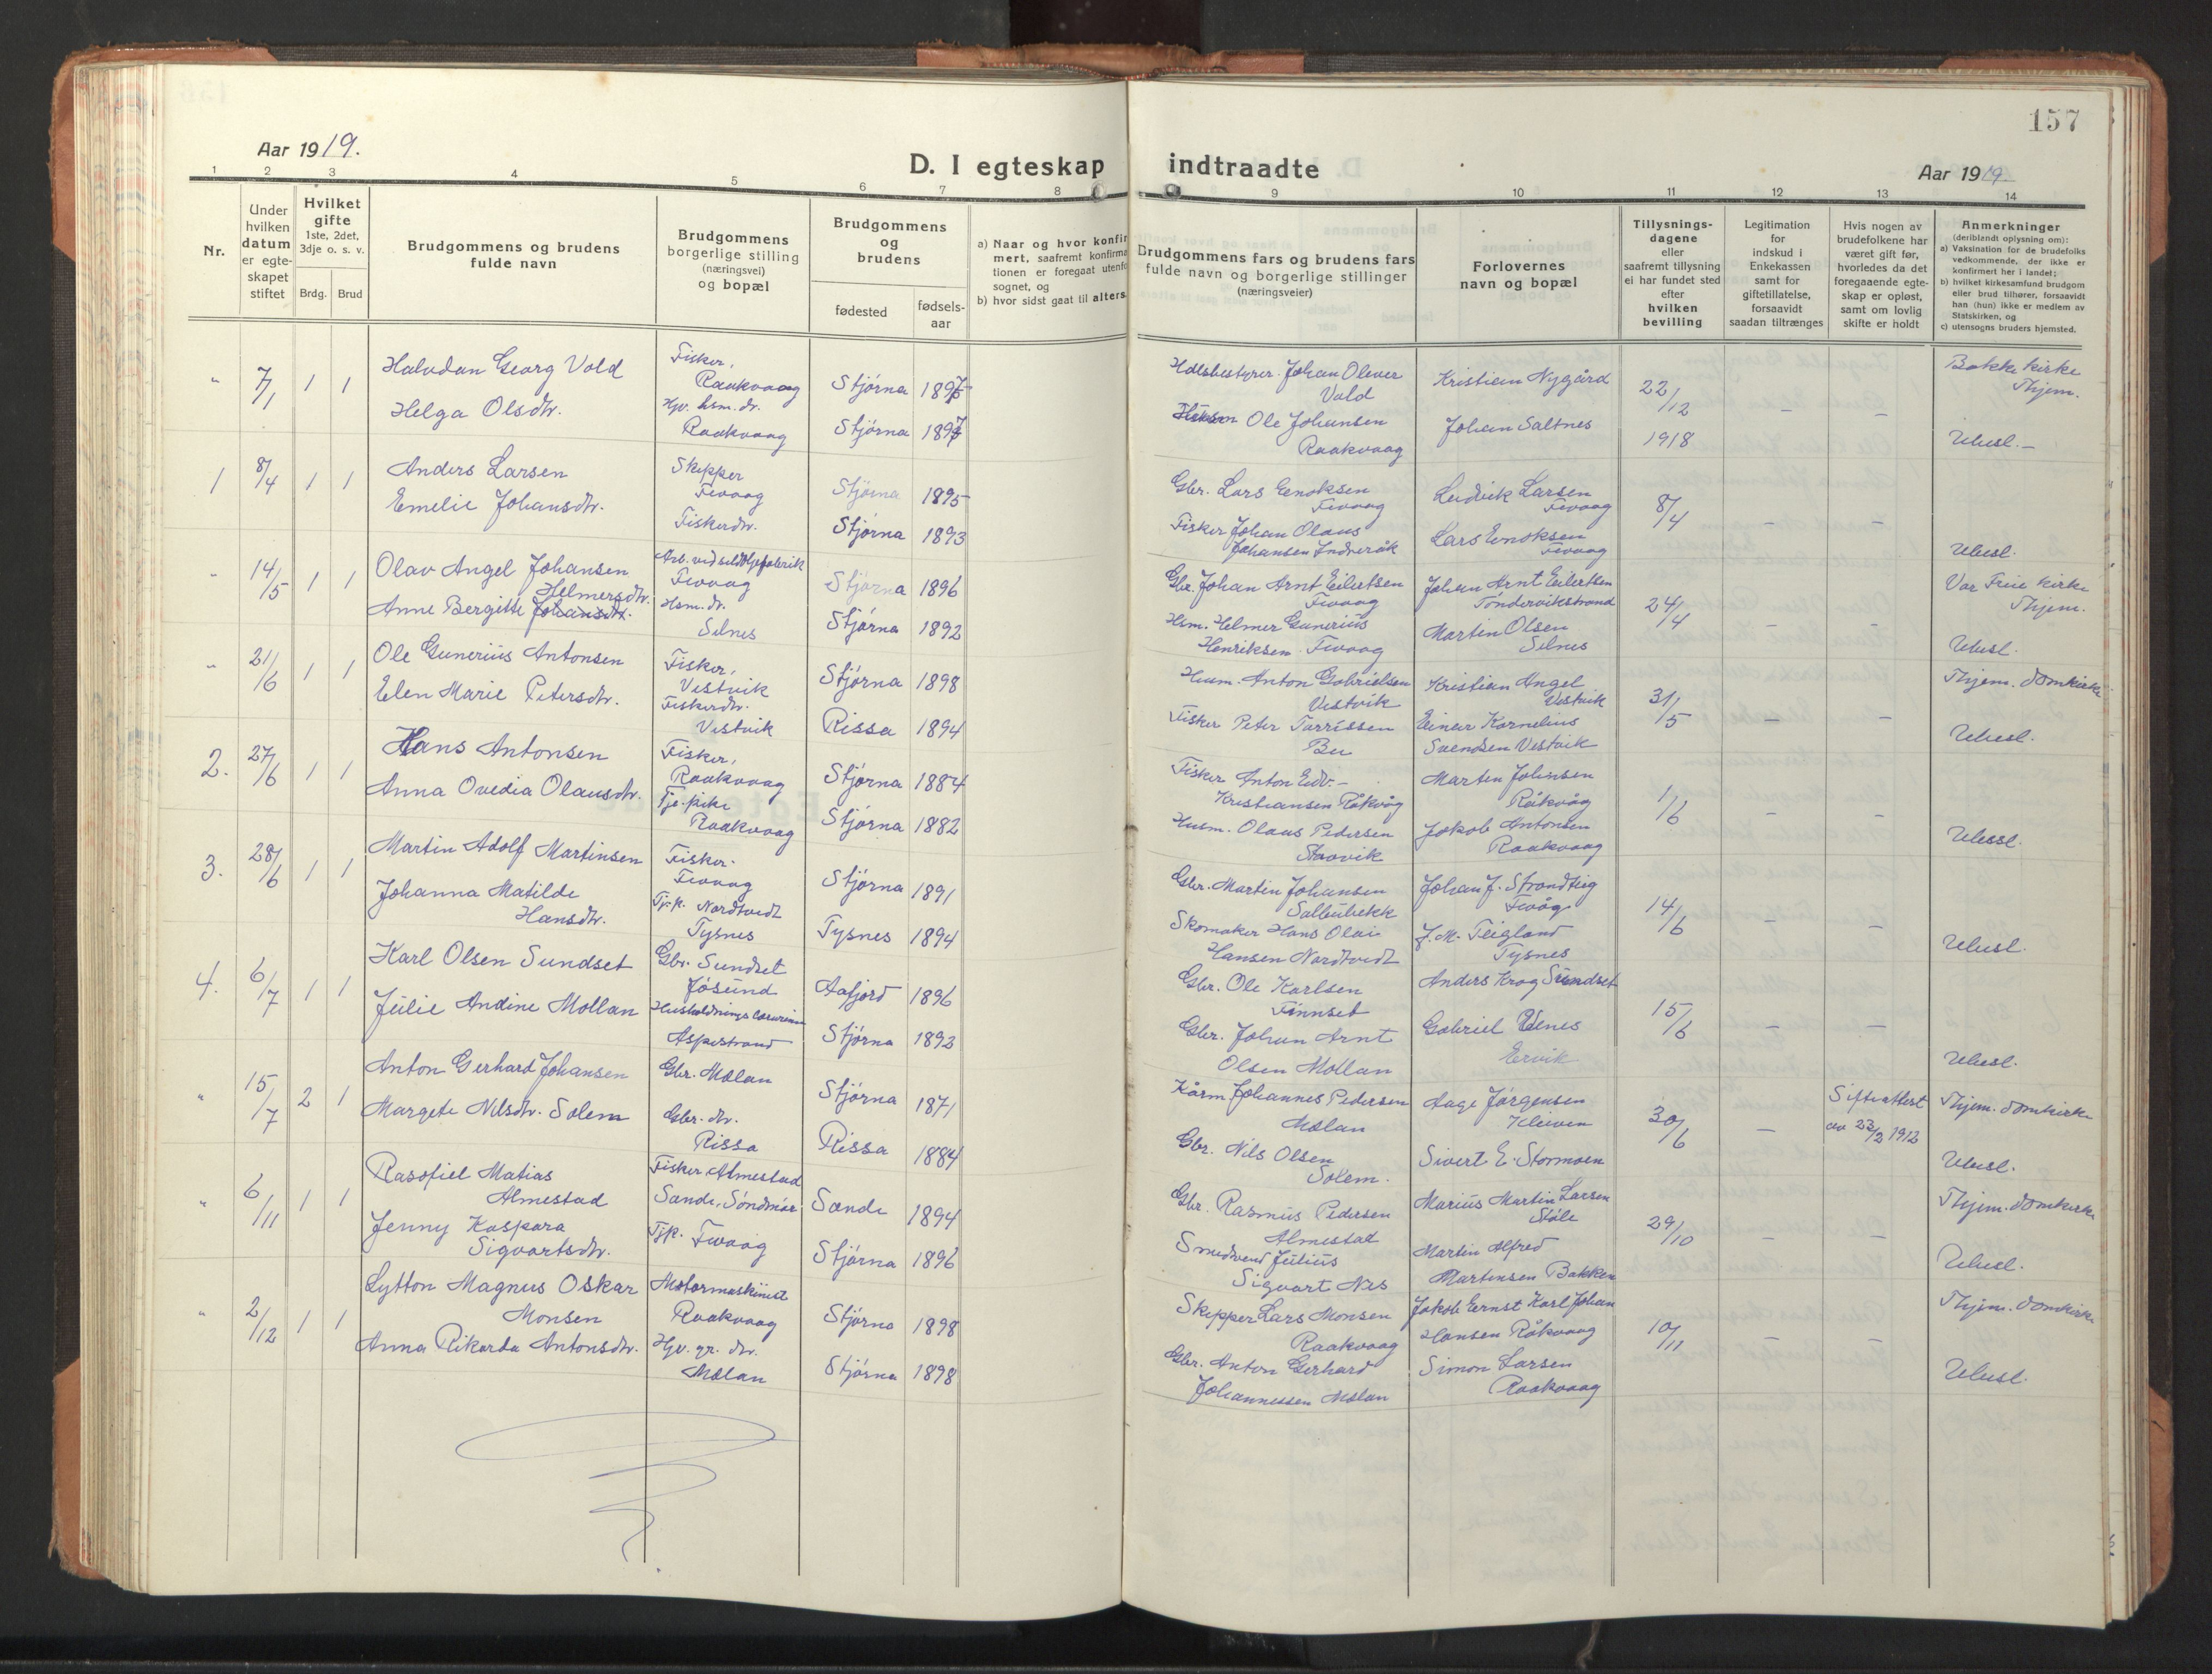 SAT, Ministerialprotokoller, klokkerbøker og fødselsregistre - Sør-Trøndelag, 653/L0658: Klokkerbok nr. 653C02, 1919-1947, s. 157